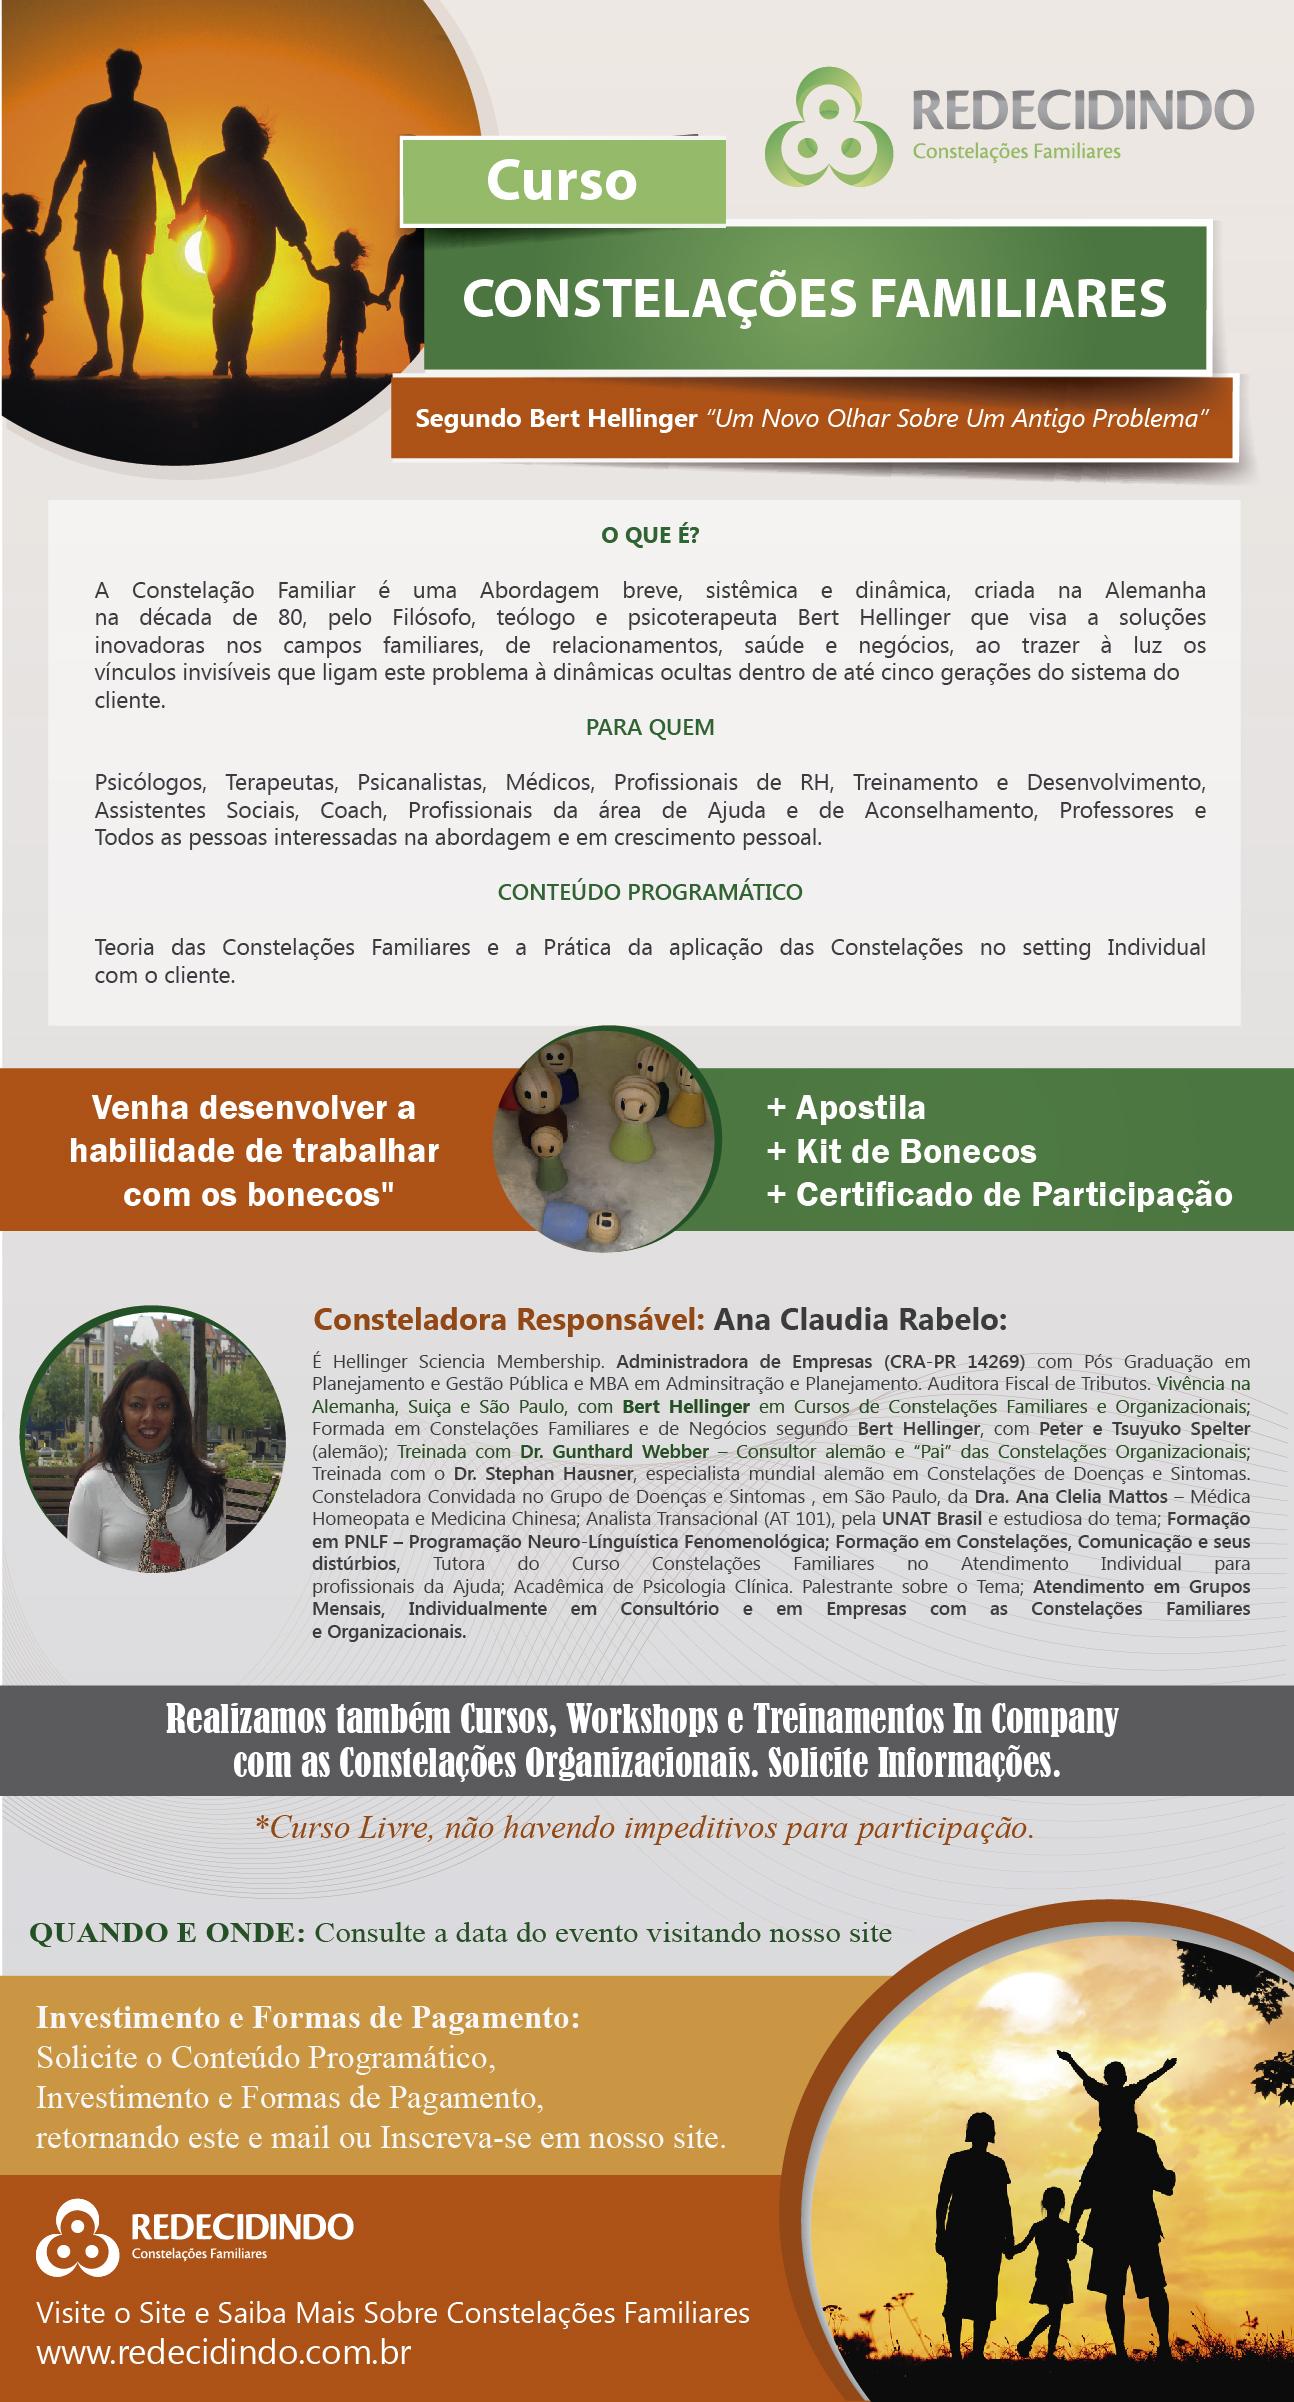 Curso de Constelação Familiar/Atendimento Individual no Consultório com Bonecos.